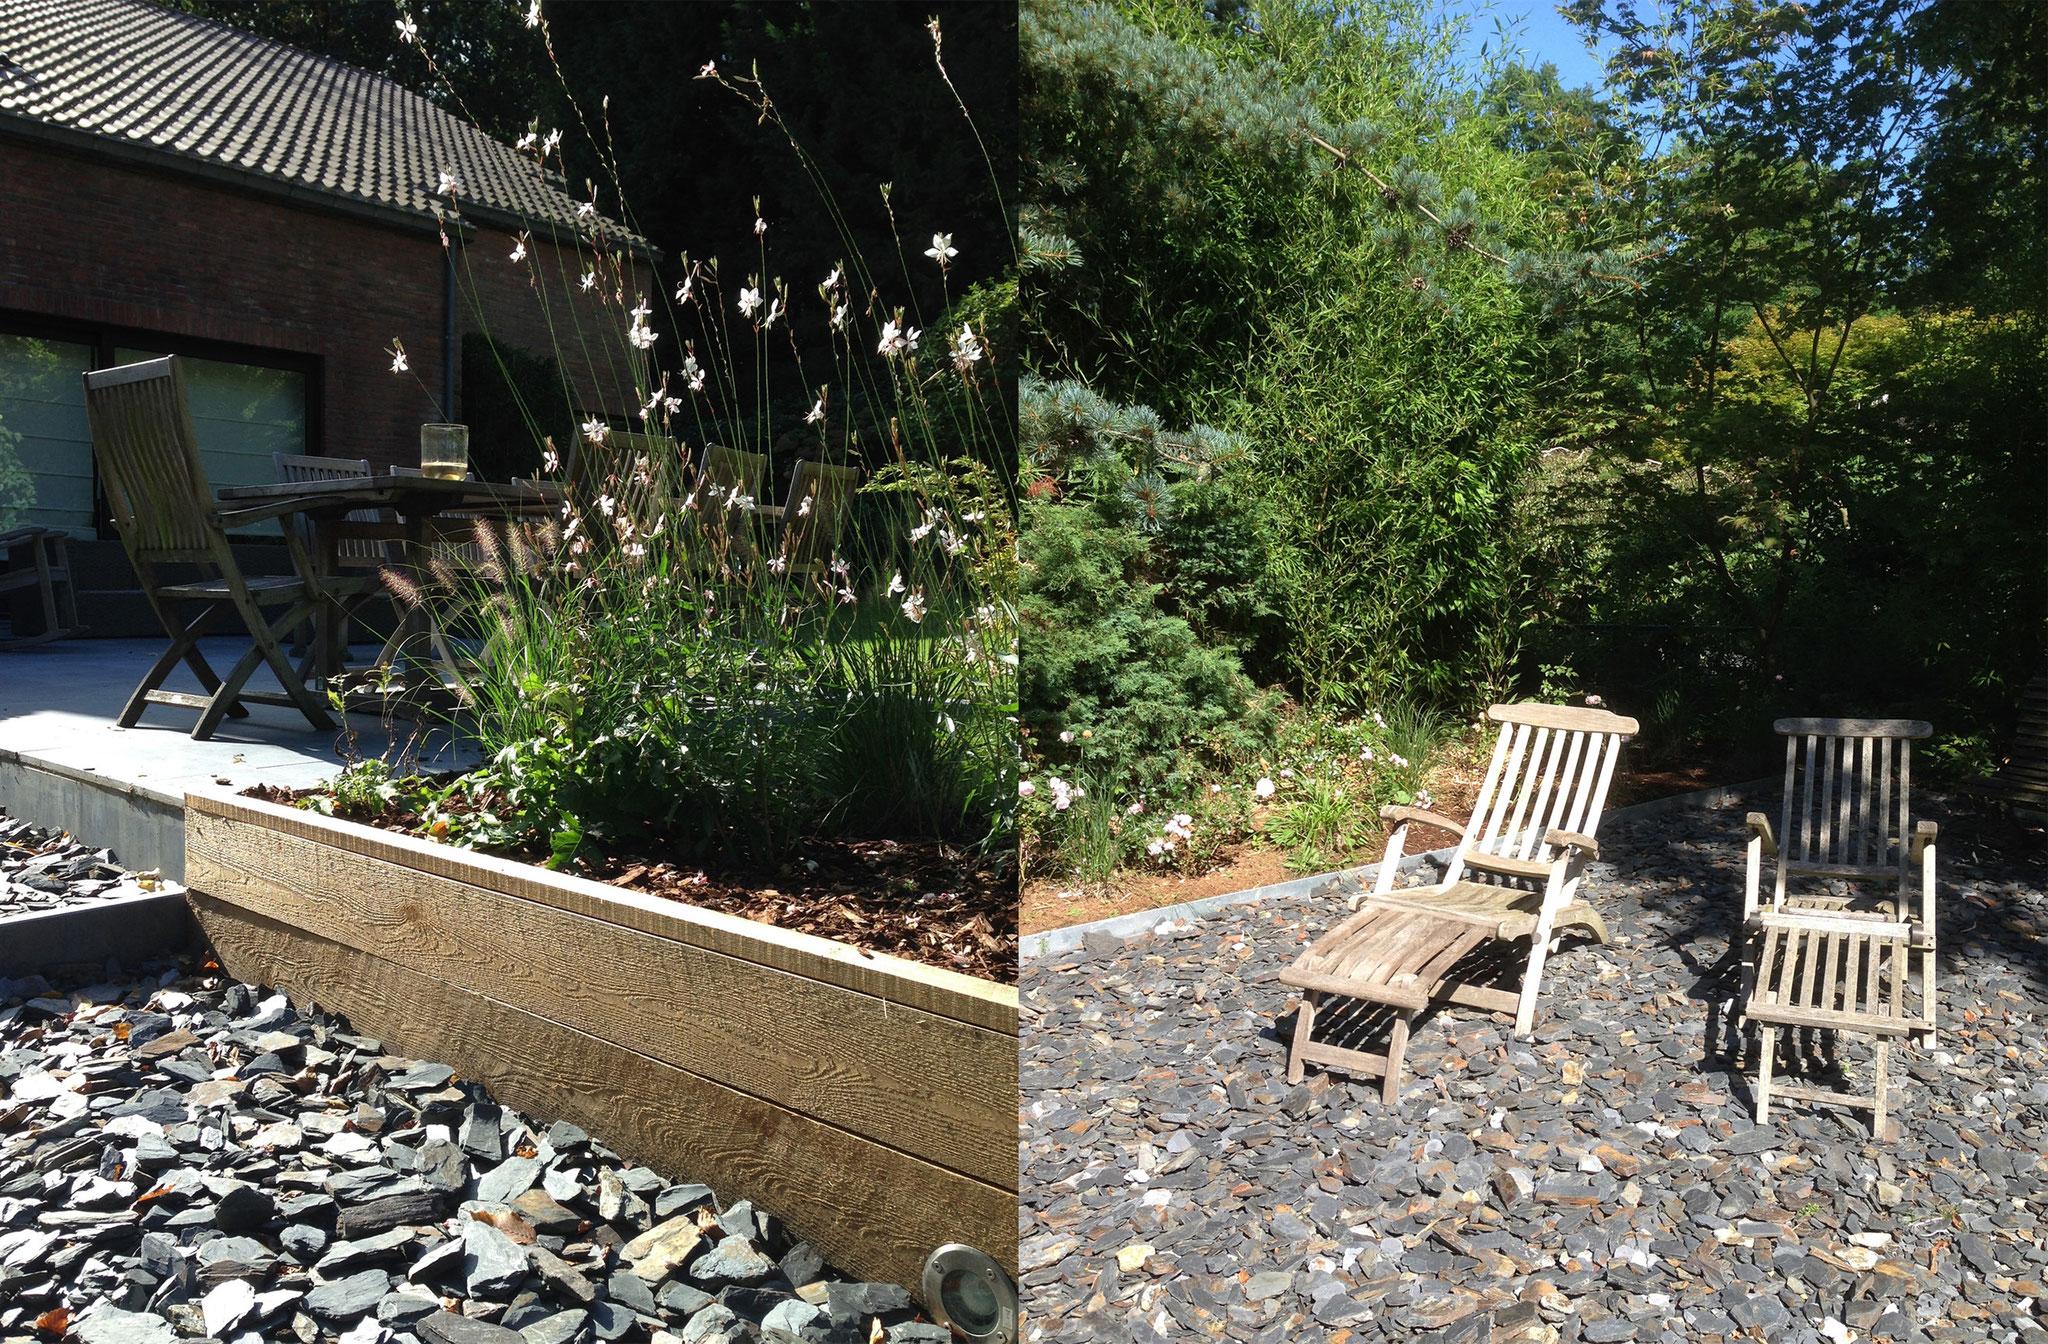 Jardin de 400m2 - Style contemporain - Détail des matériaux - Schiste/ Bois. Amenagement jardin Bruxelles